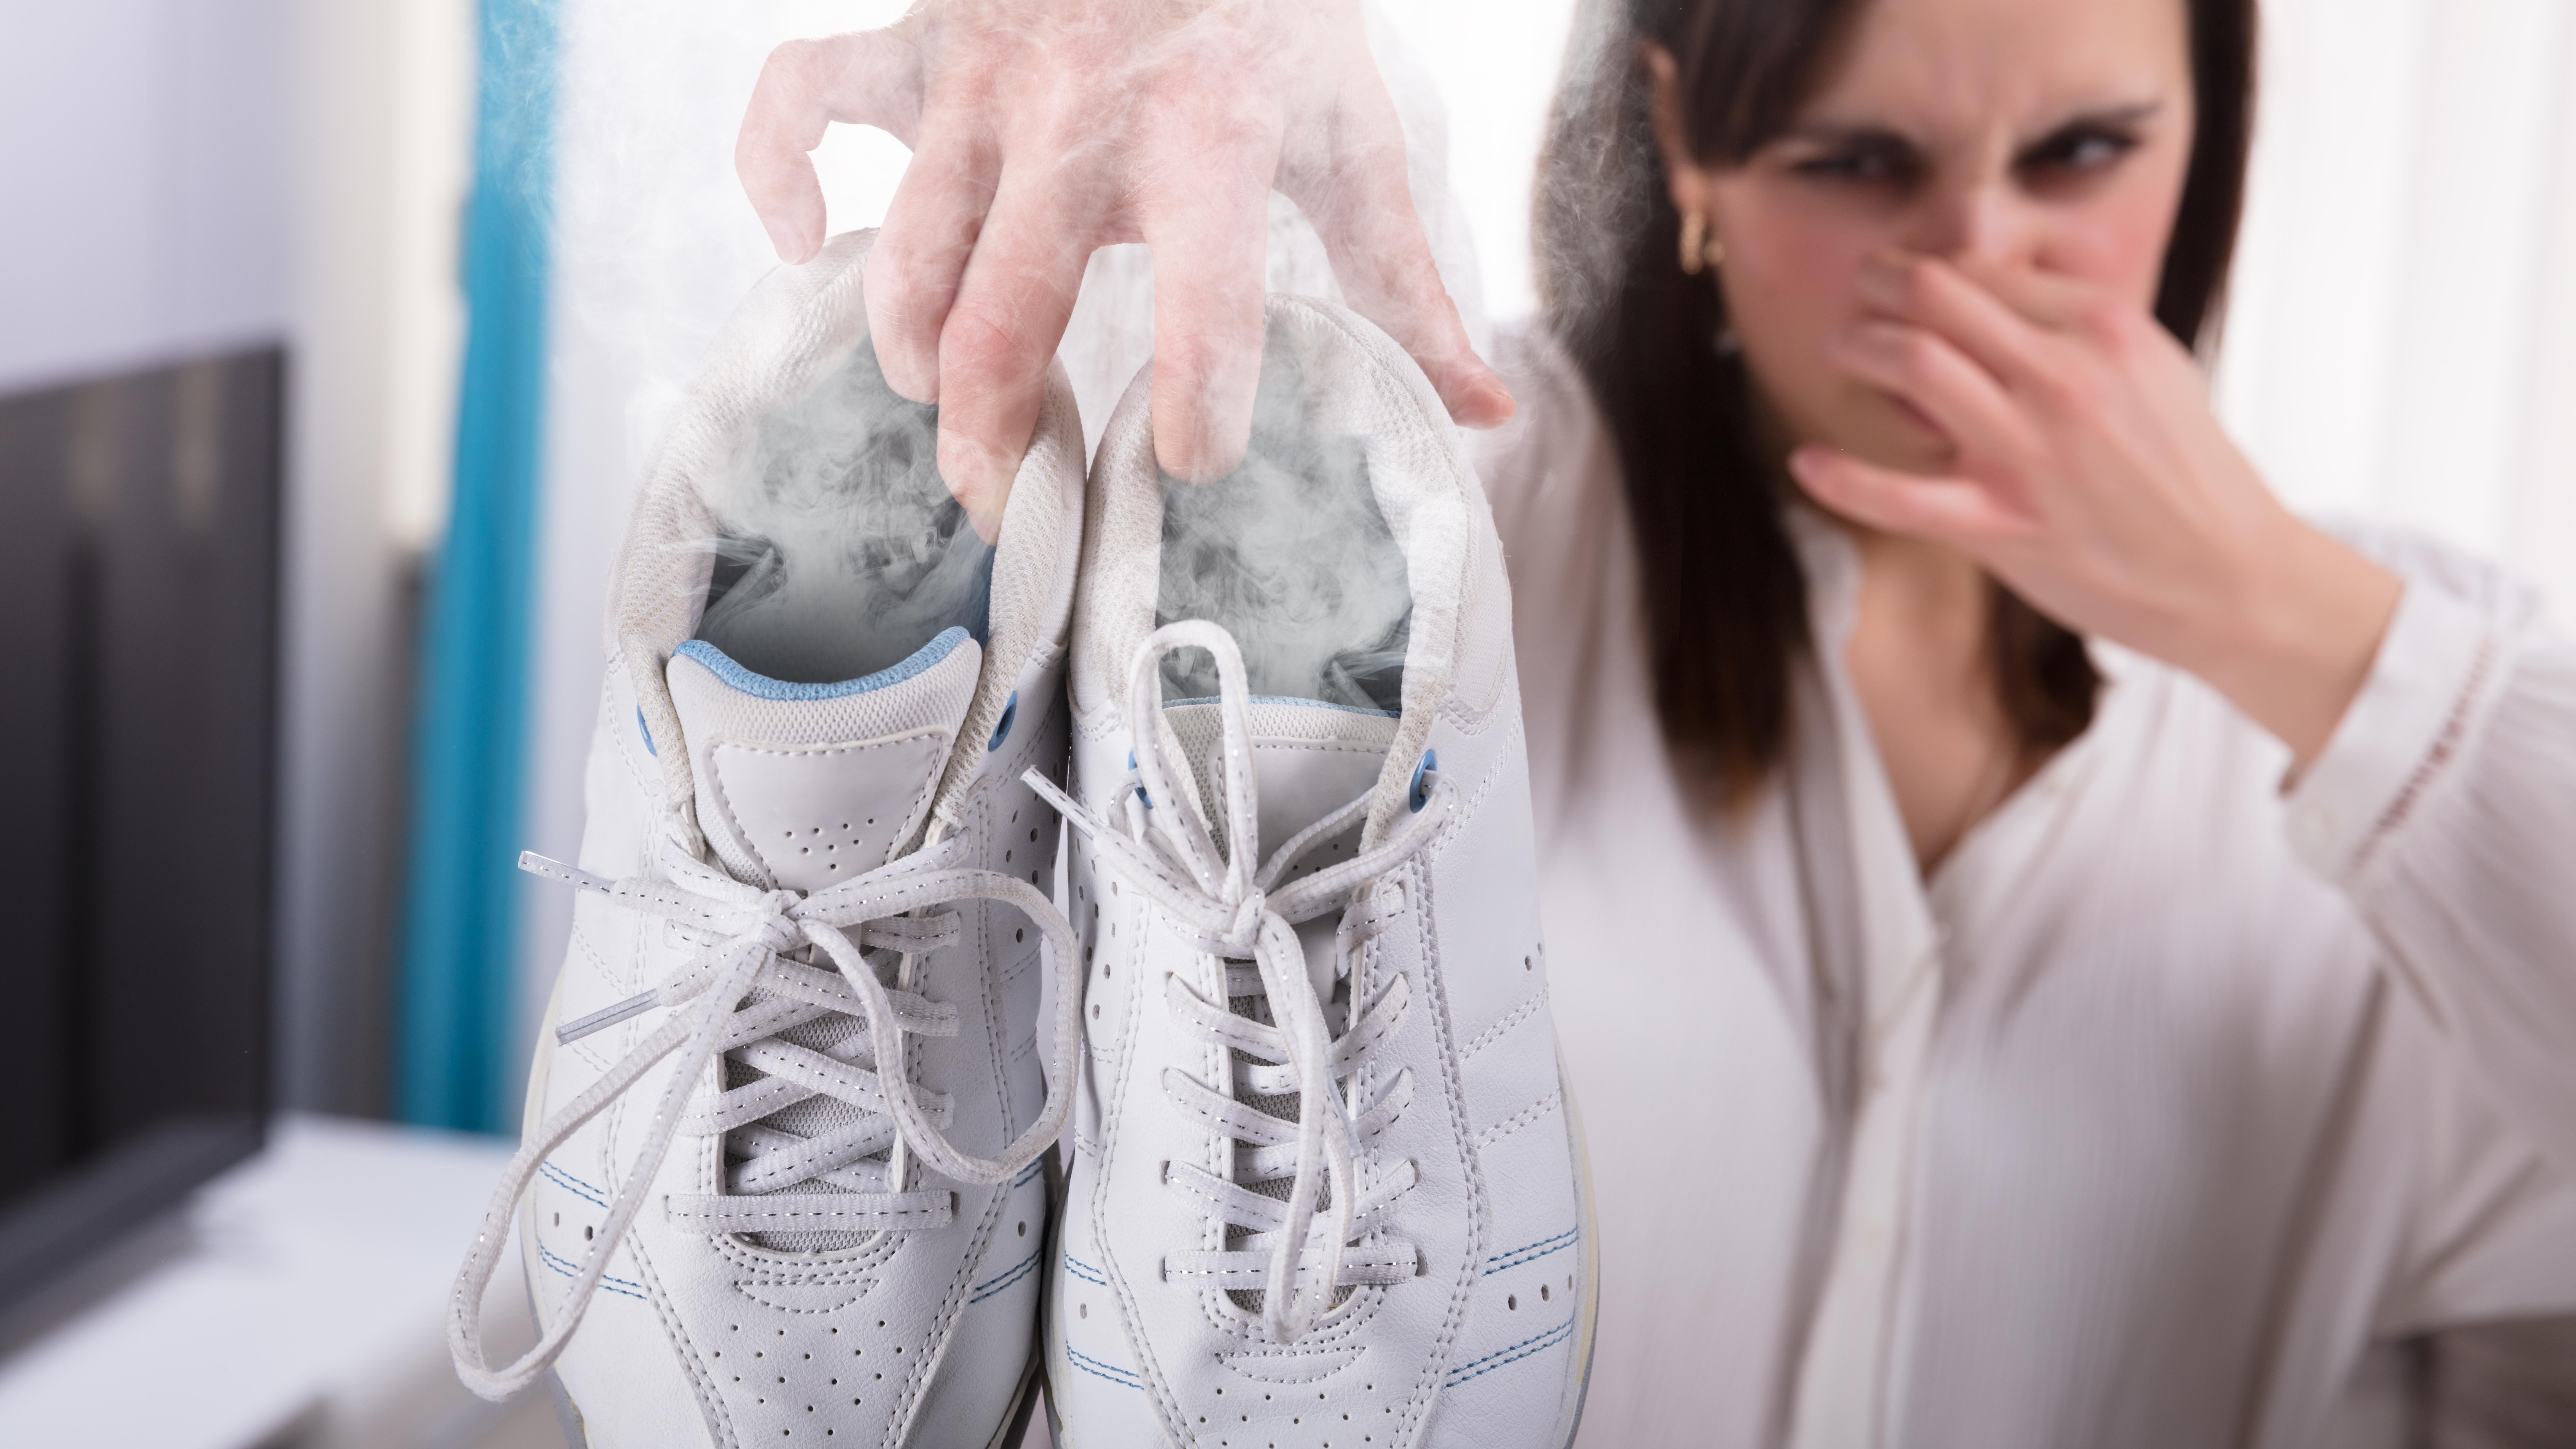 Smierdzace Buty Jak Pozbyc Sie Problemu Sprawdzone Sposoby Moda